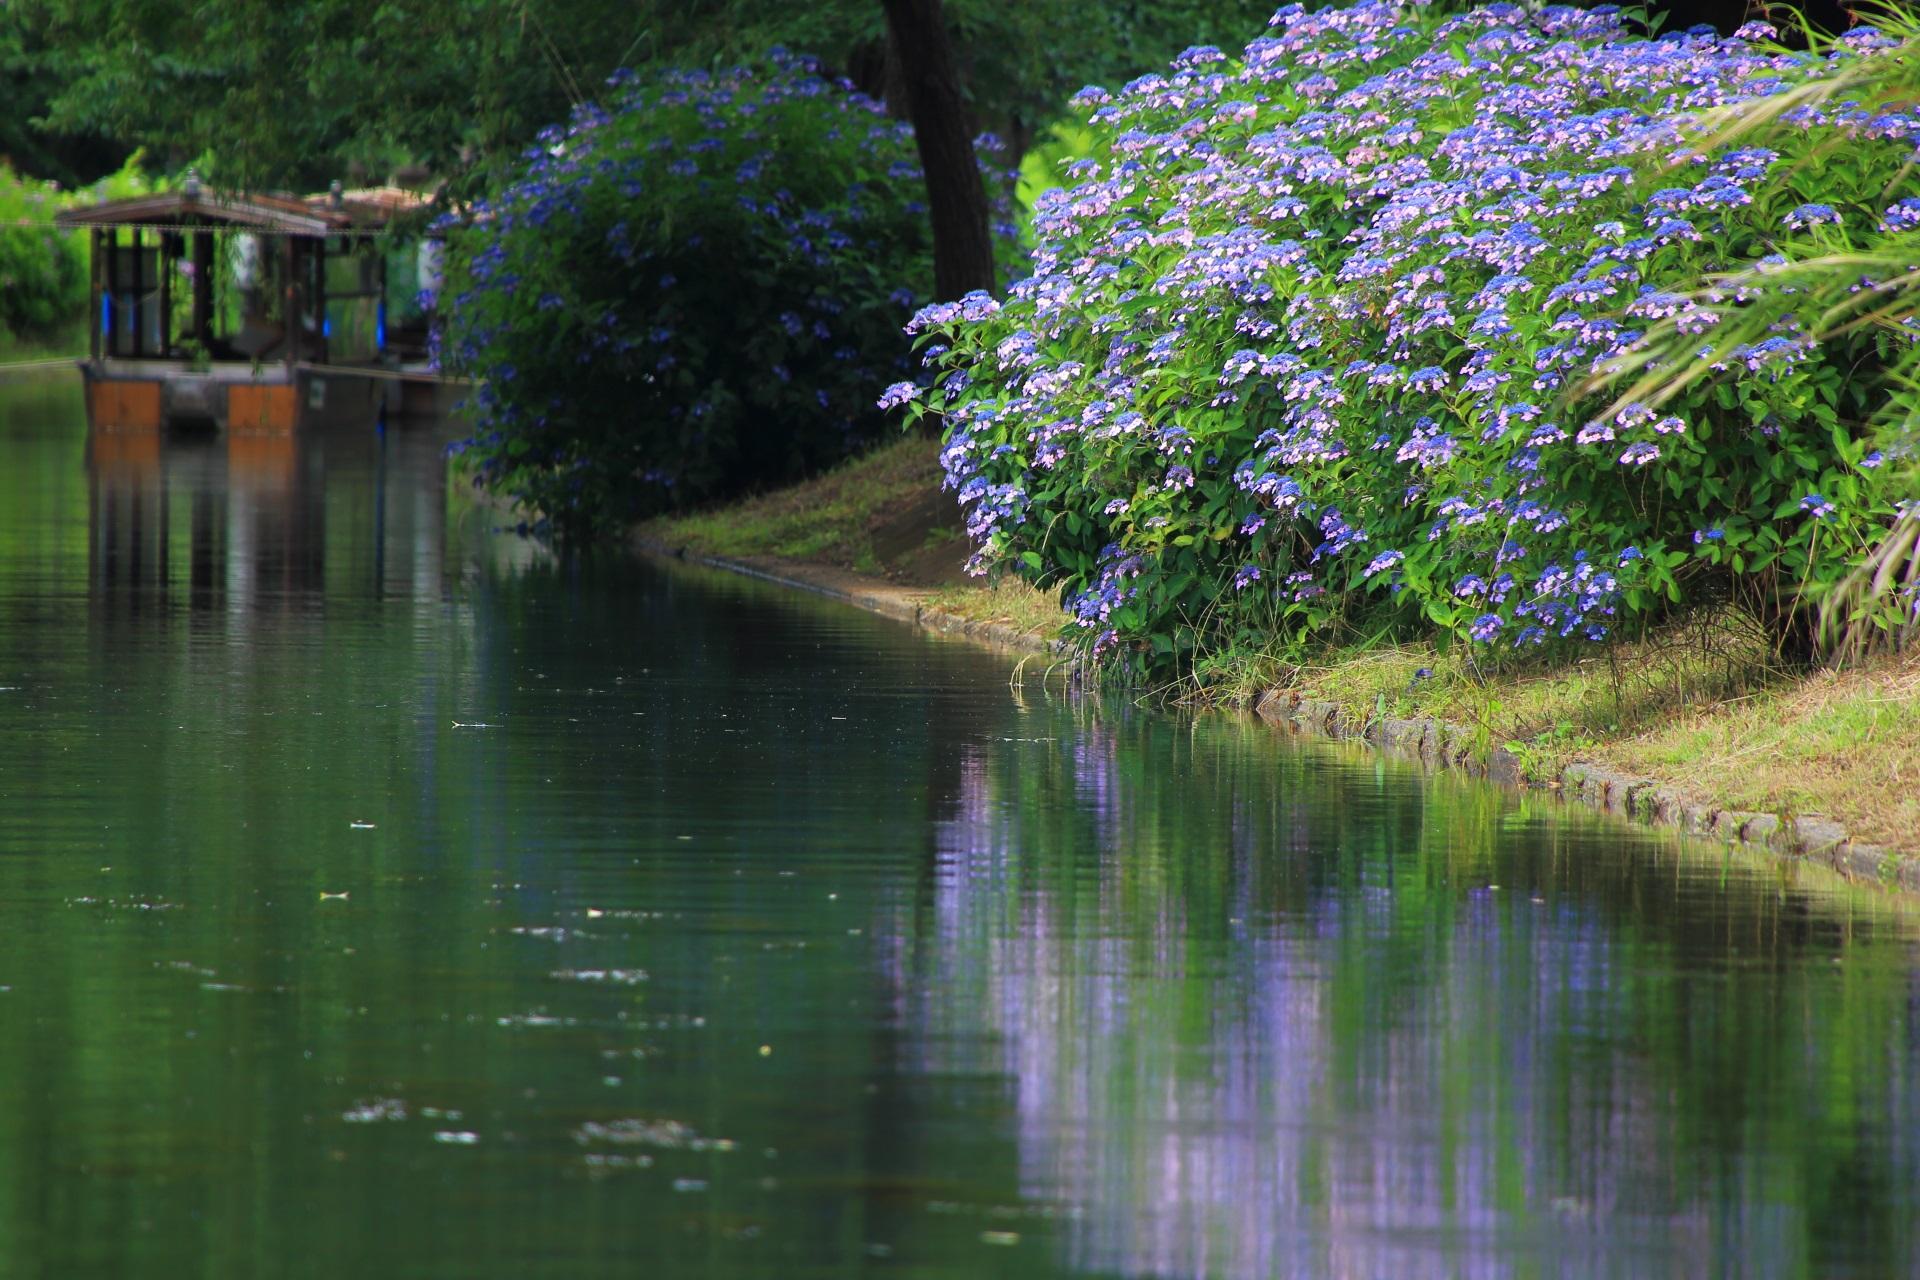 宇治川派流の青い額紫陽花と綺麗な水鏡